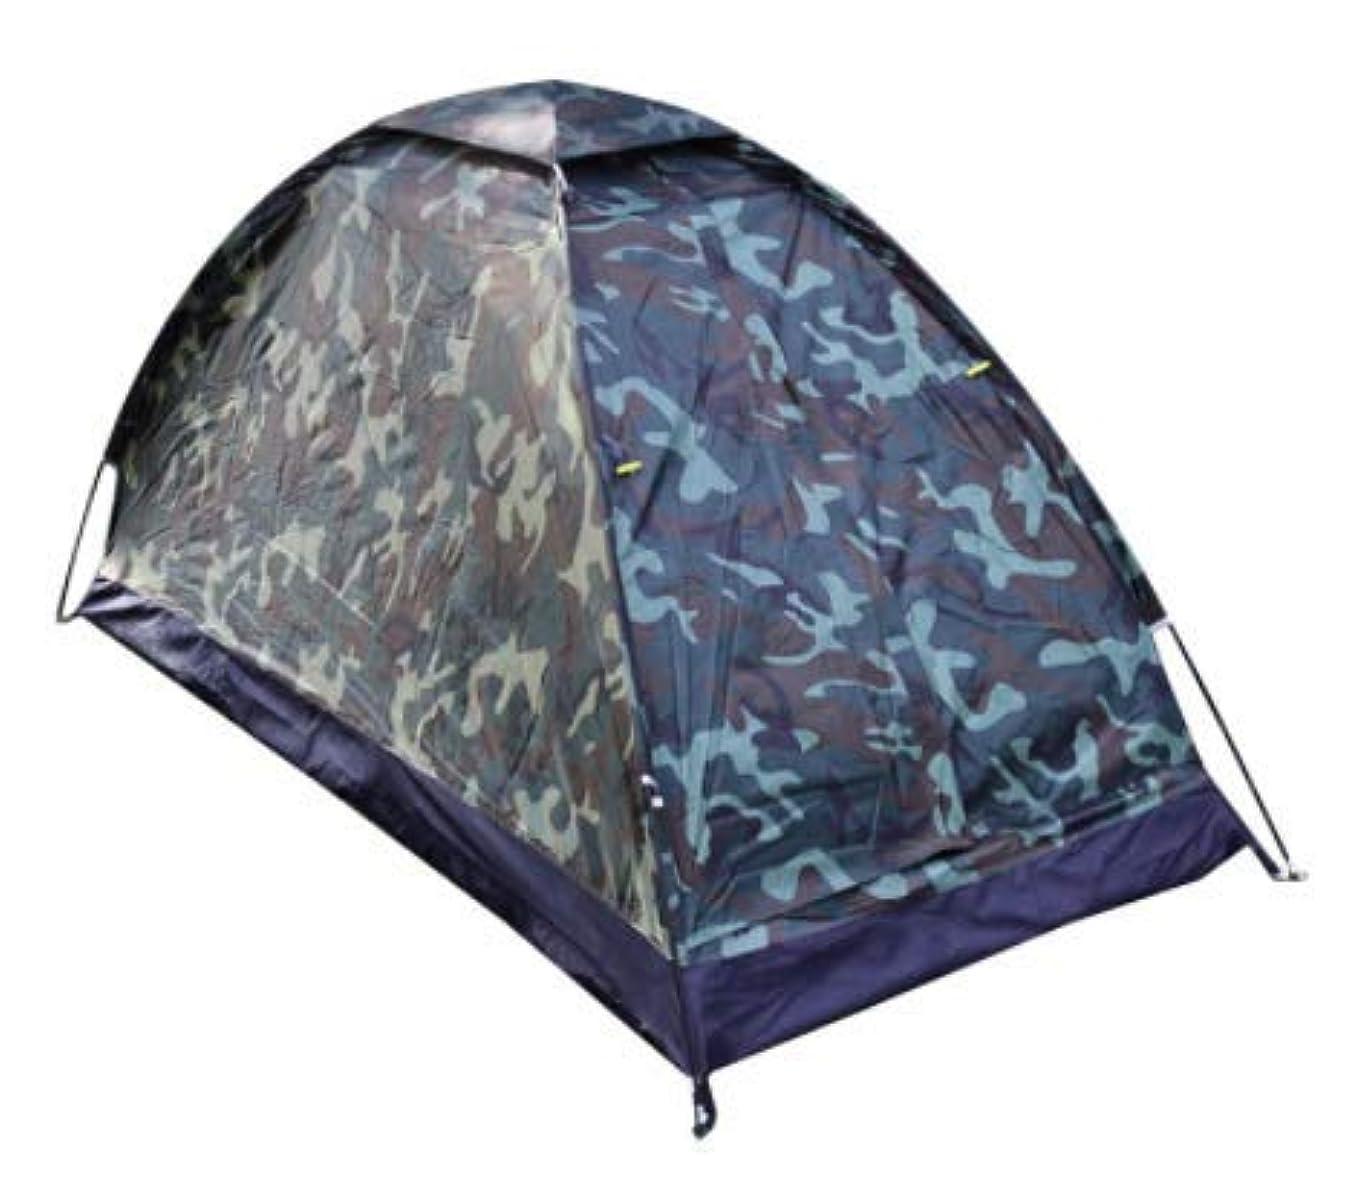 ラジカルコンテンポラリー賞賛Wppolika 200 * 100 * 100センチ屋外キャンプピクニックハイキングテントシングルファンカラー高速キャンプキャンプ用品